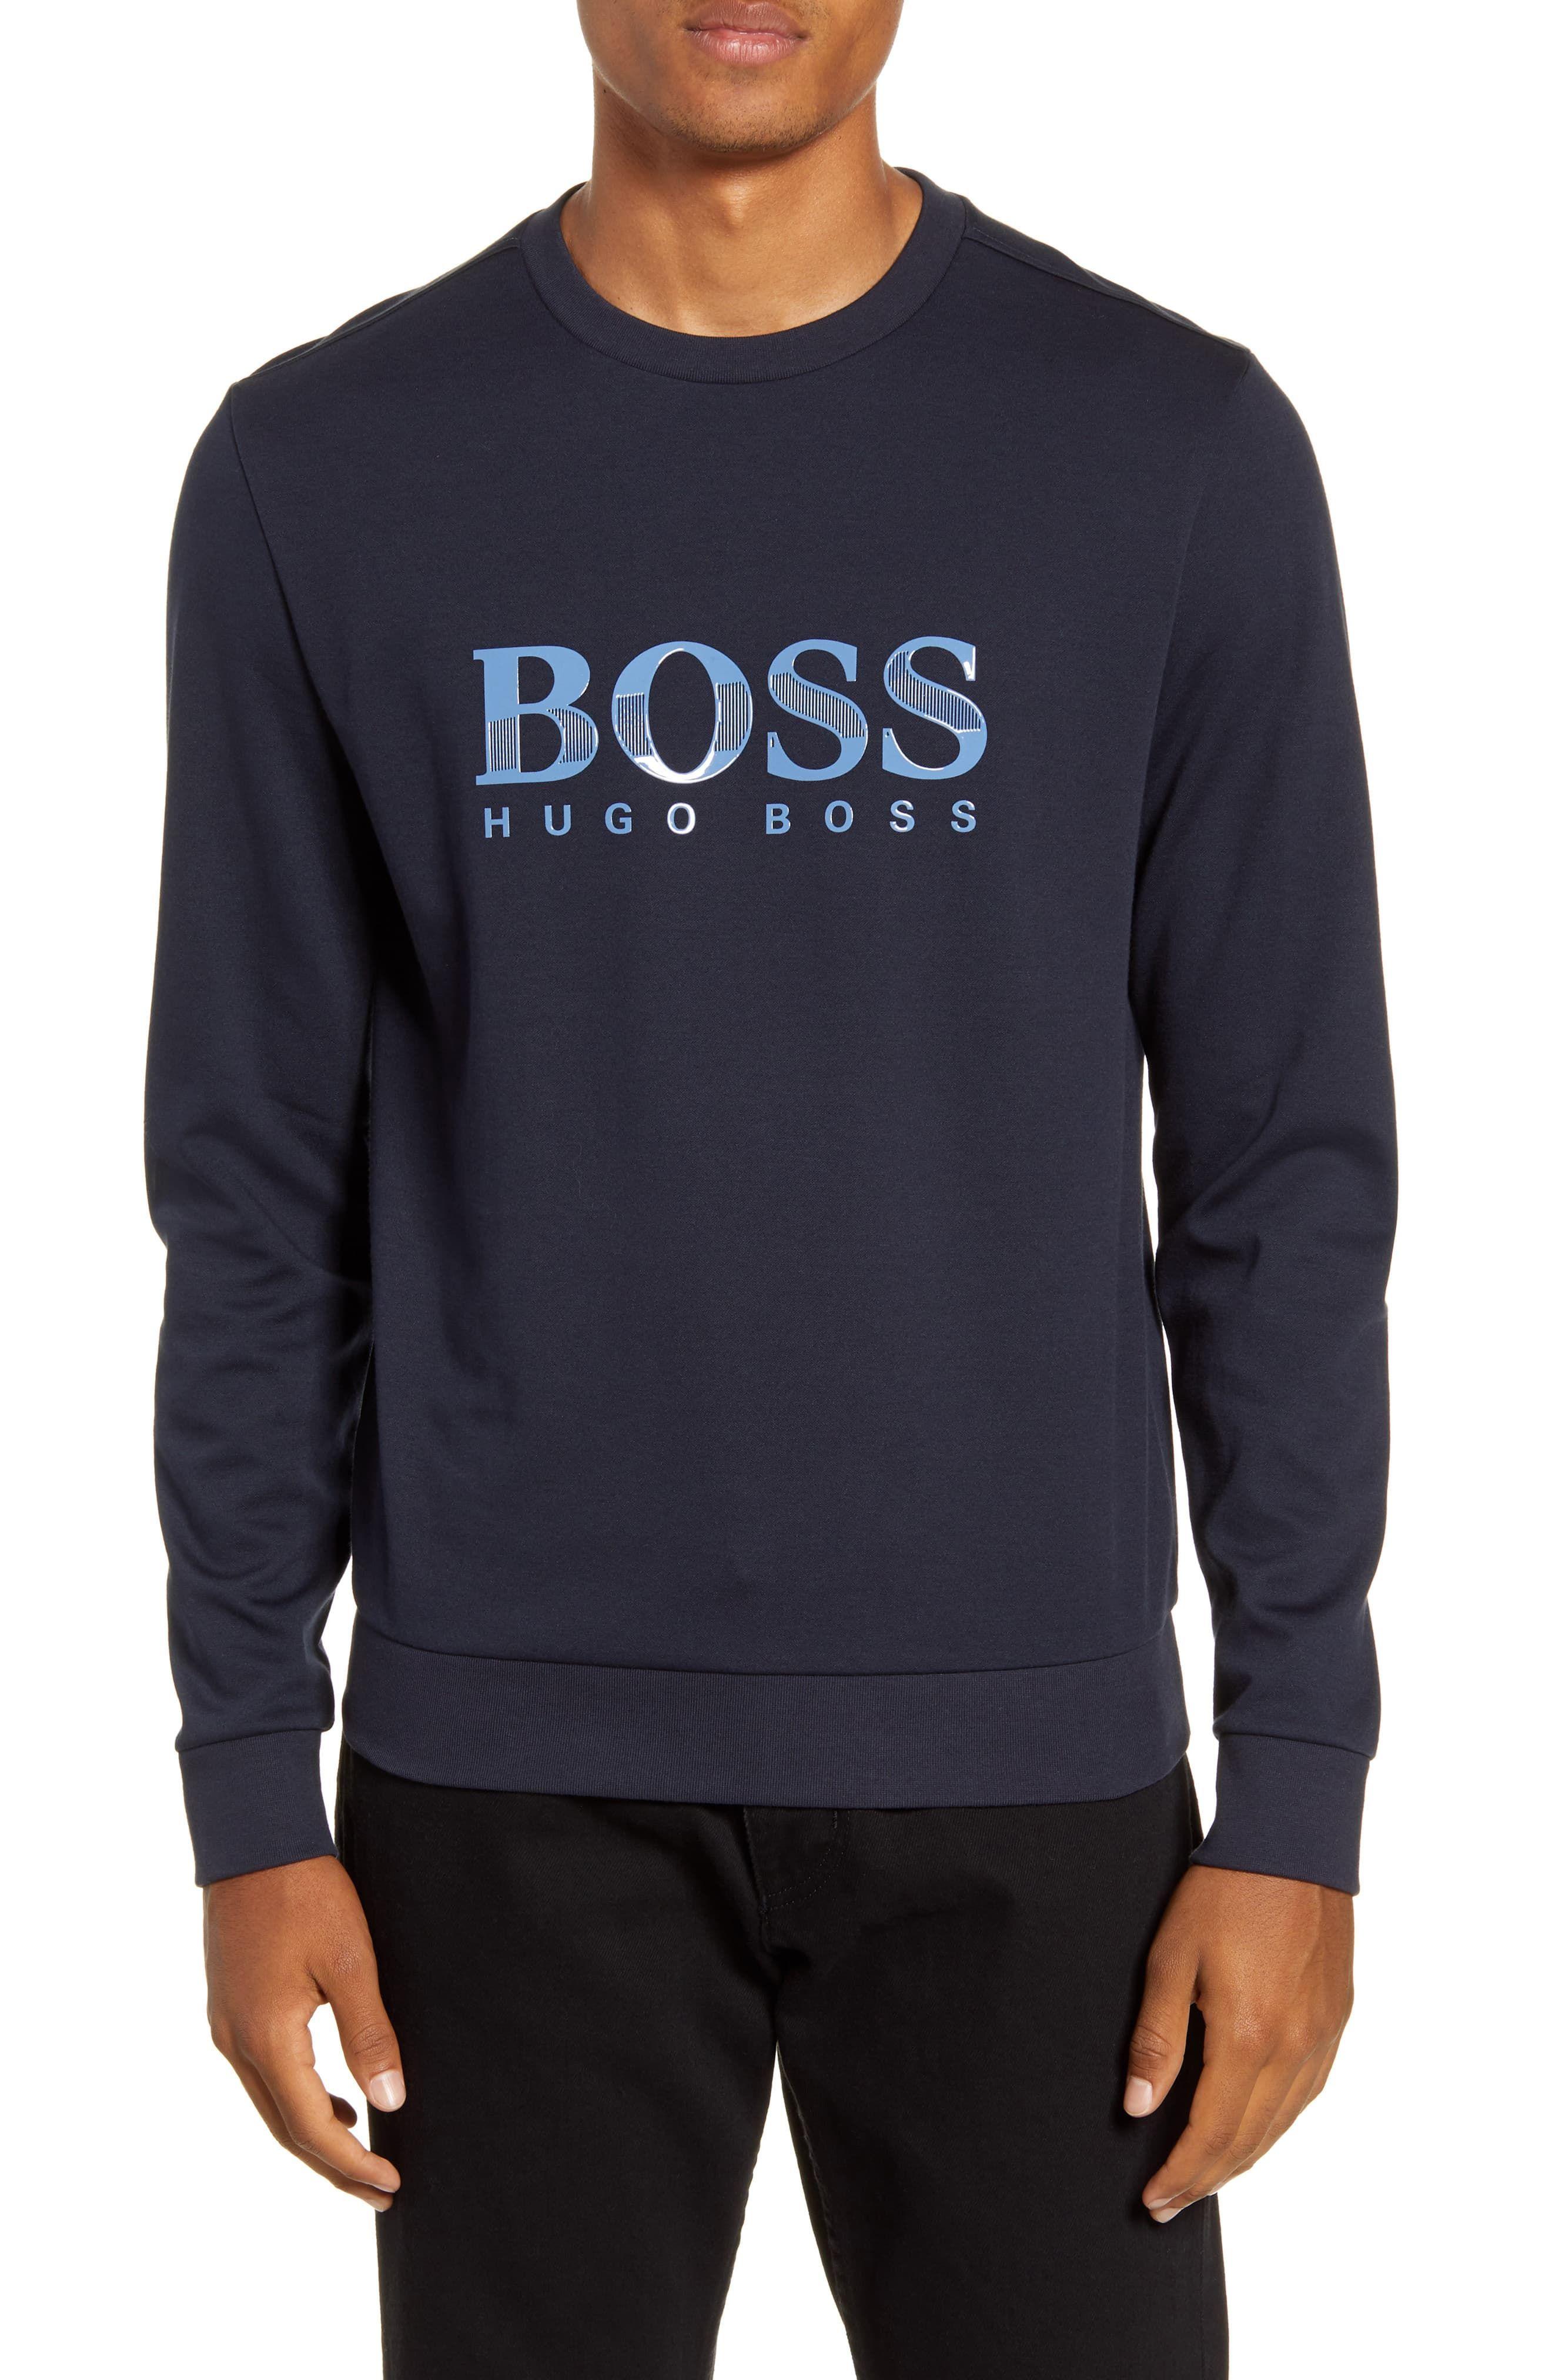 Hugo Boss Polo Men/'s Crew Neck Long Sleeve T-Shirt New All sizes